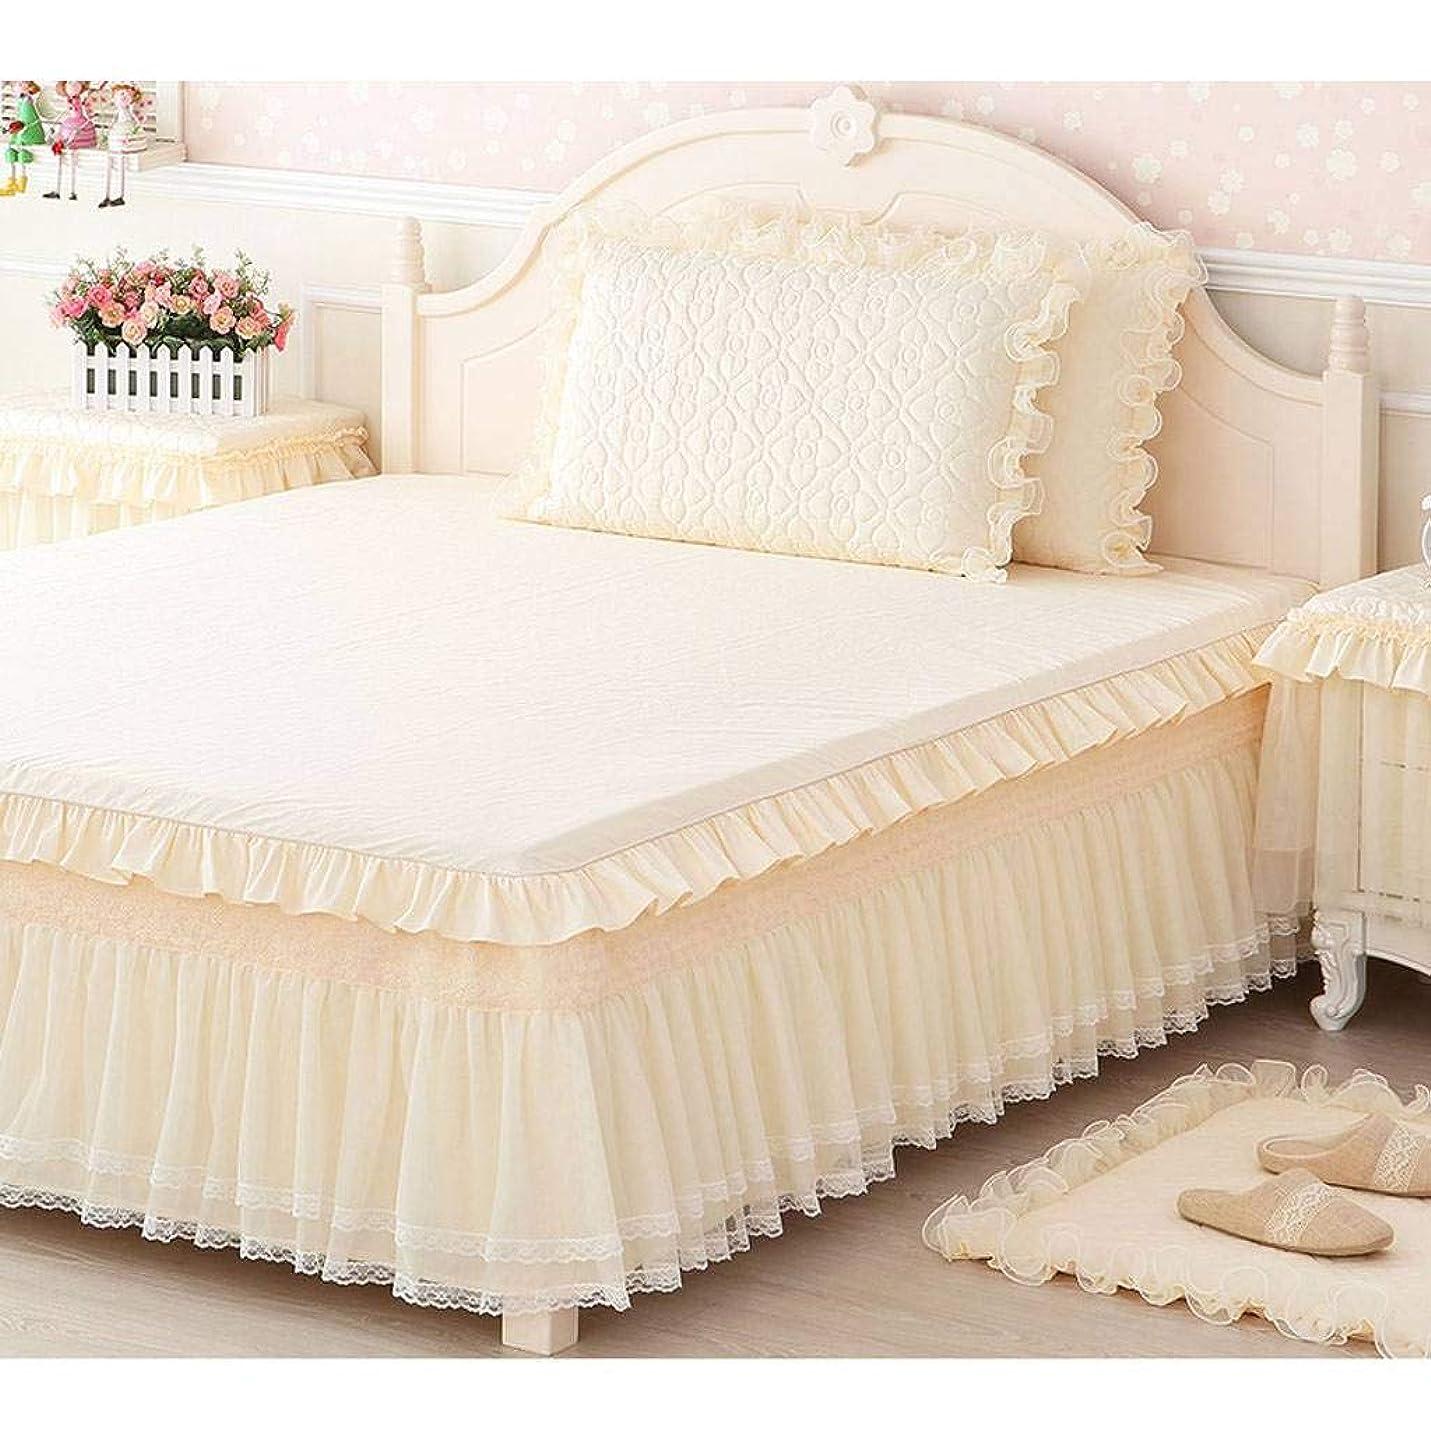 ネクタイ絡まる許さないQXJR ベッドカバー,ベッドスカート,綿,レース製,単色,シワ,フリル,ラップアラウンドスタイル,寝具-キルティング-200×220Cm(シングルベッドスカート)